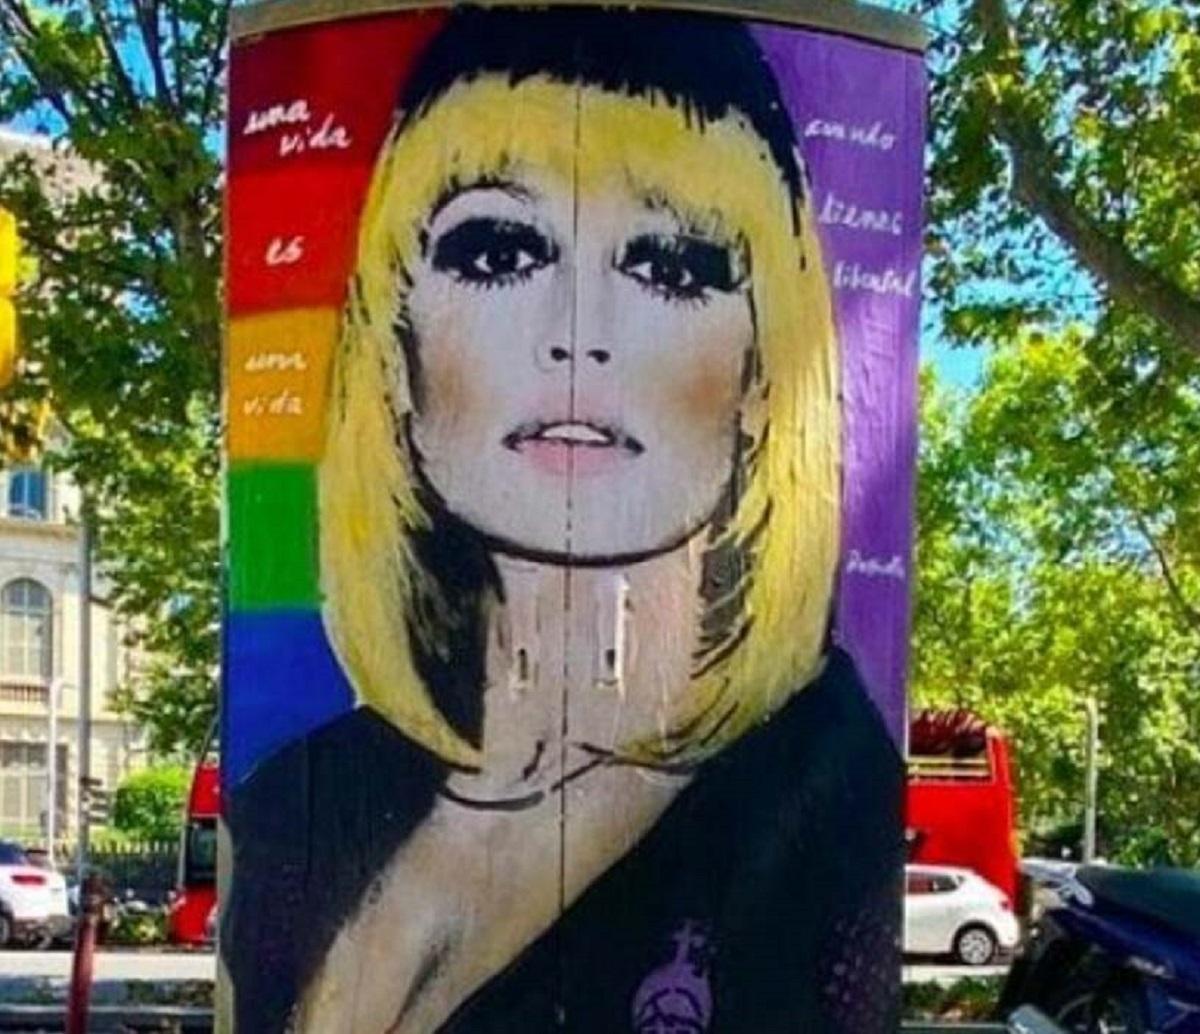 Raffaella Carrà Barcellona murale vandalizzato